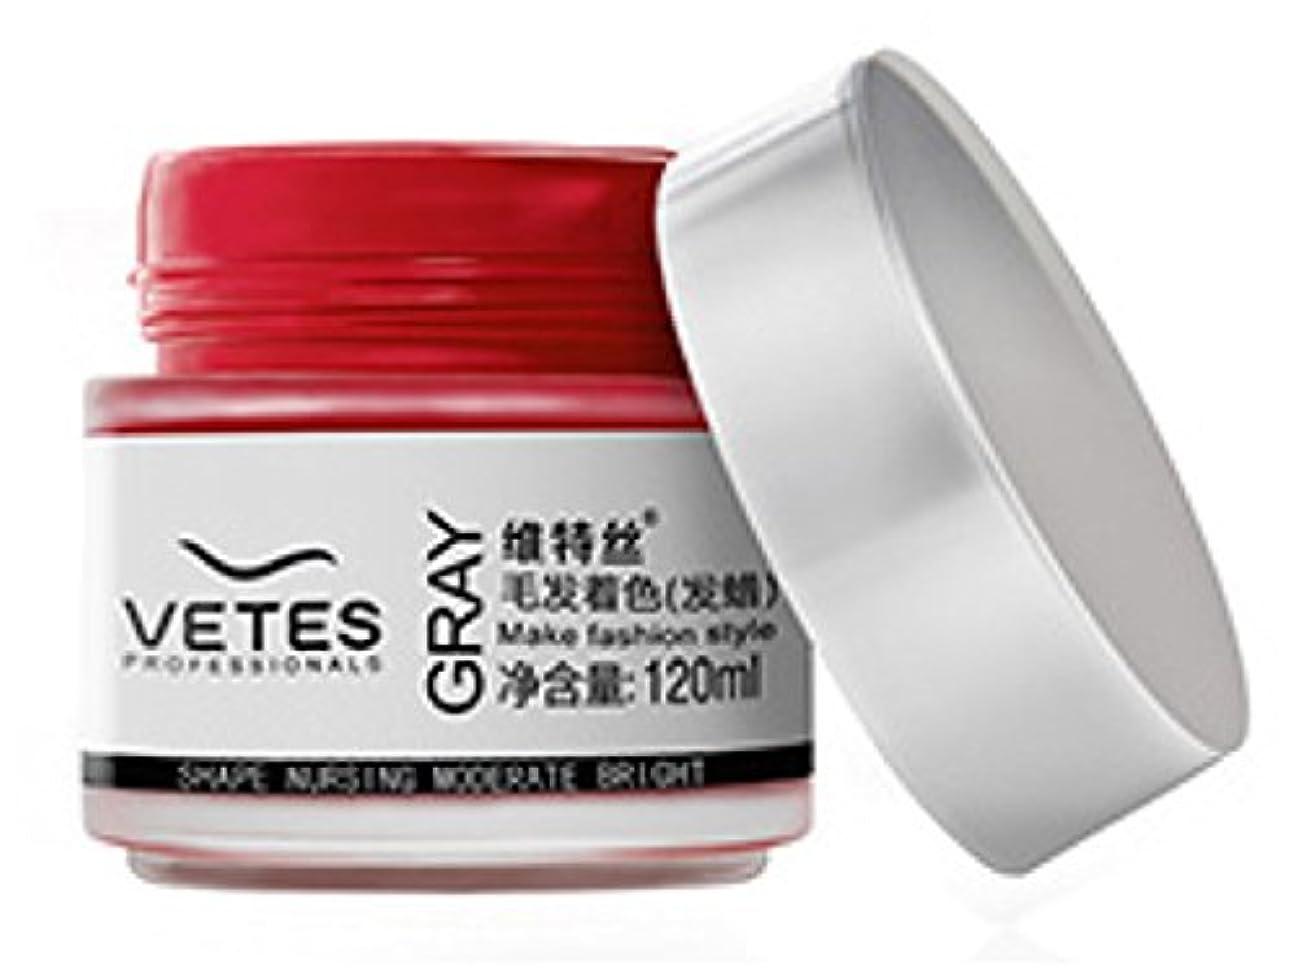 モナリザグラス対称BEAUTY VEIL ヘアカラーワックス 6色 高彩度 大容量 120g ヘアスタイリング オシャレ染め (レッド)